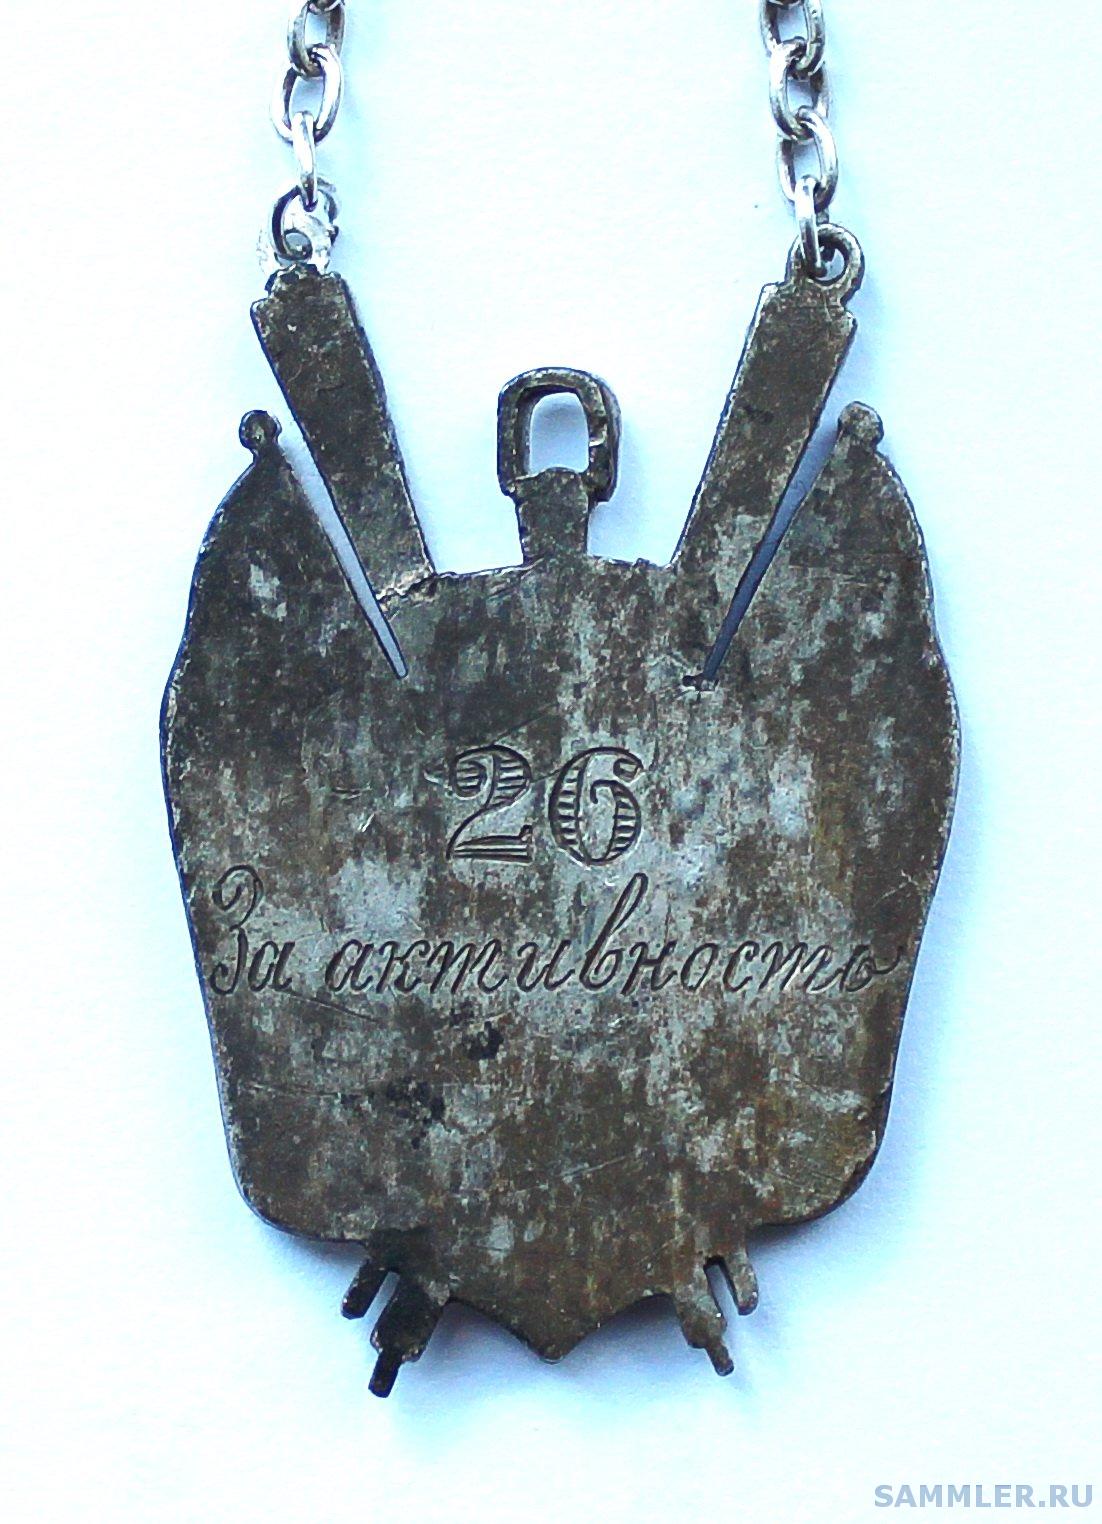 знак  ОСНАВ - Общество спасения на Водах - 1920-е гг_4.png